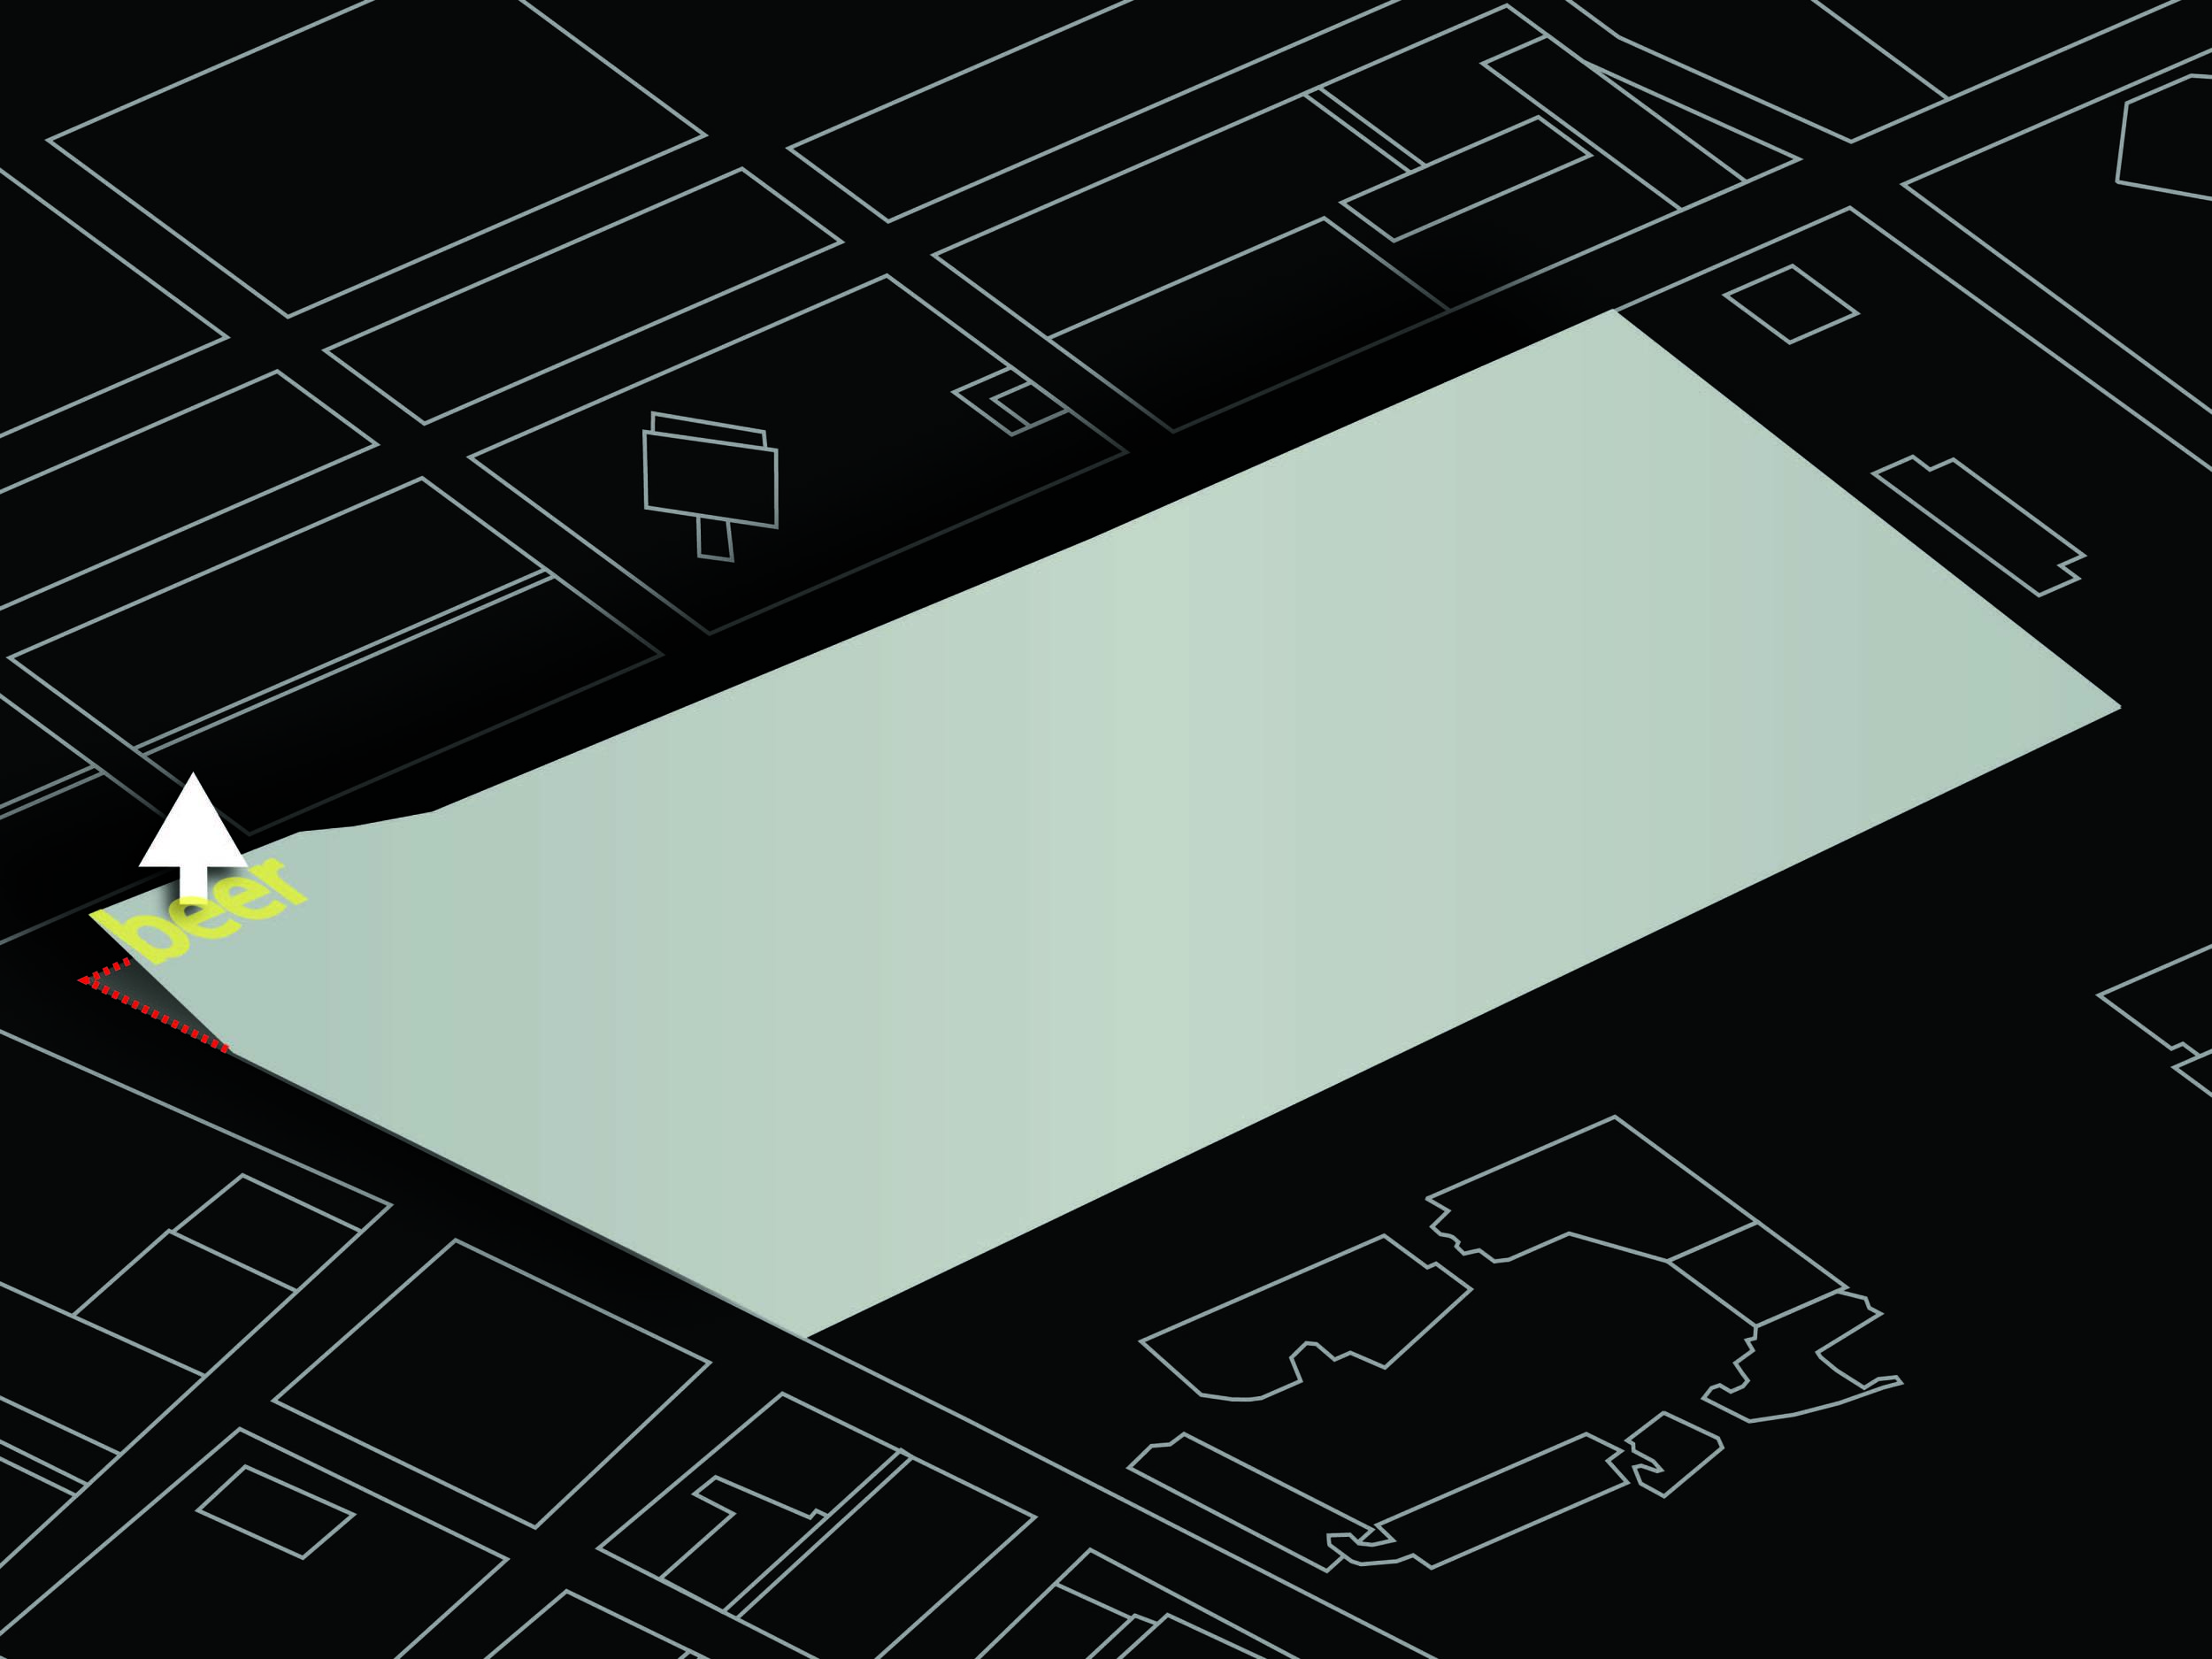 DESIGN_Pruitt-IGOE-20.jpg